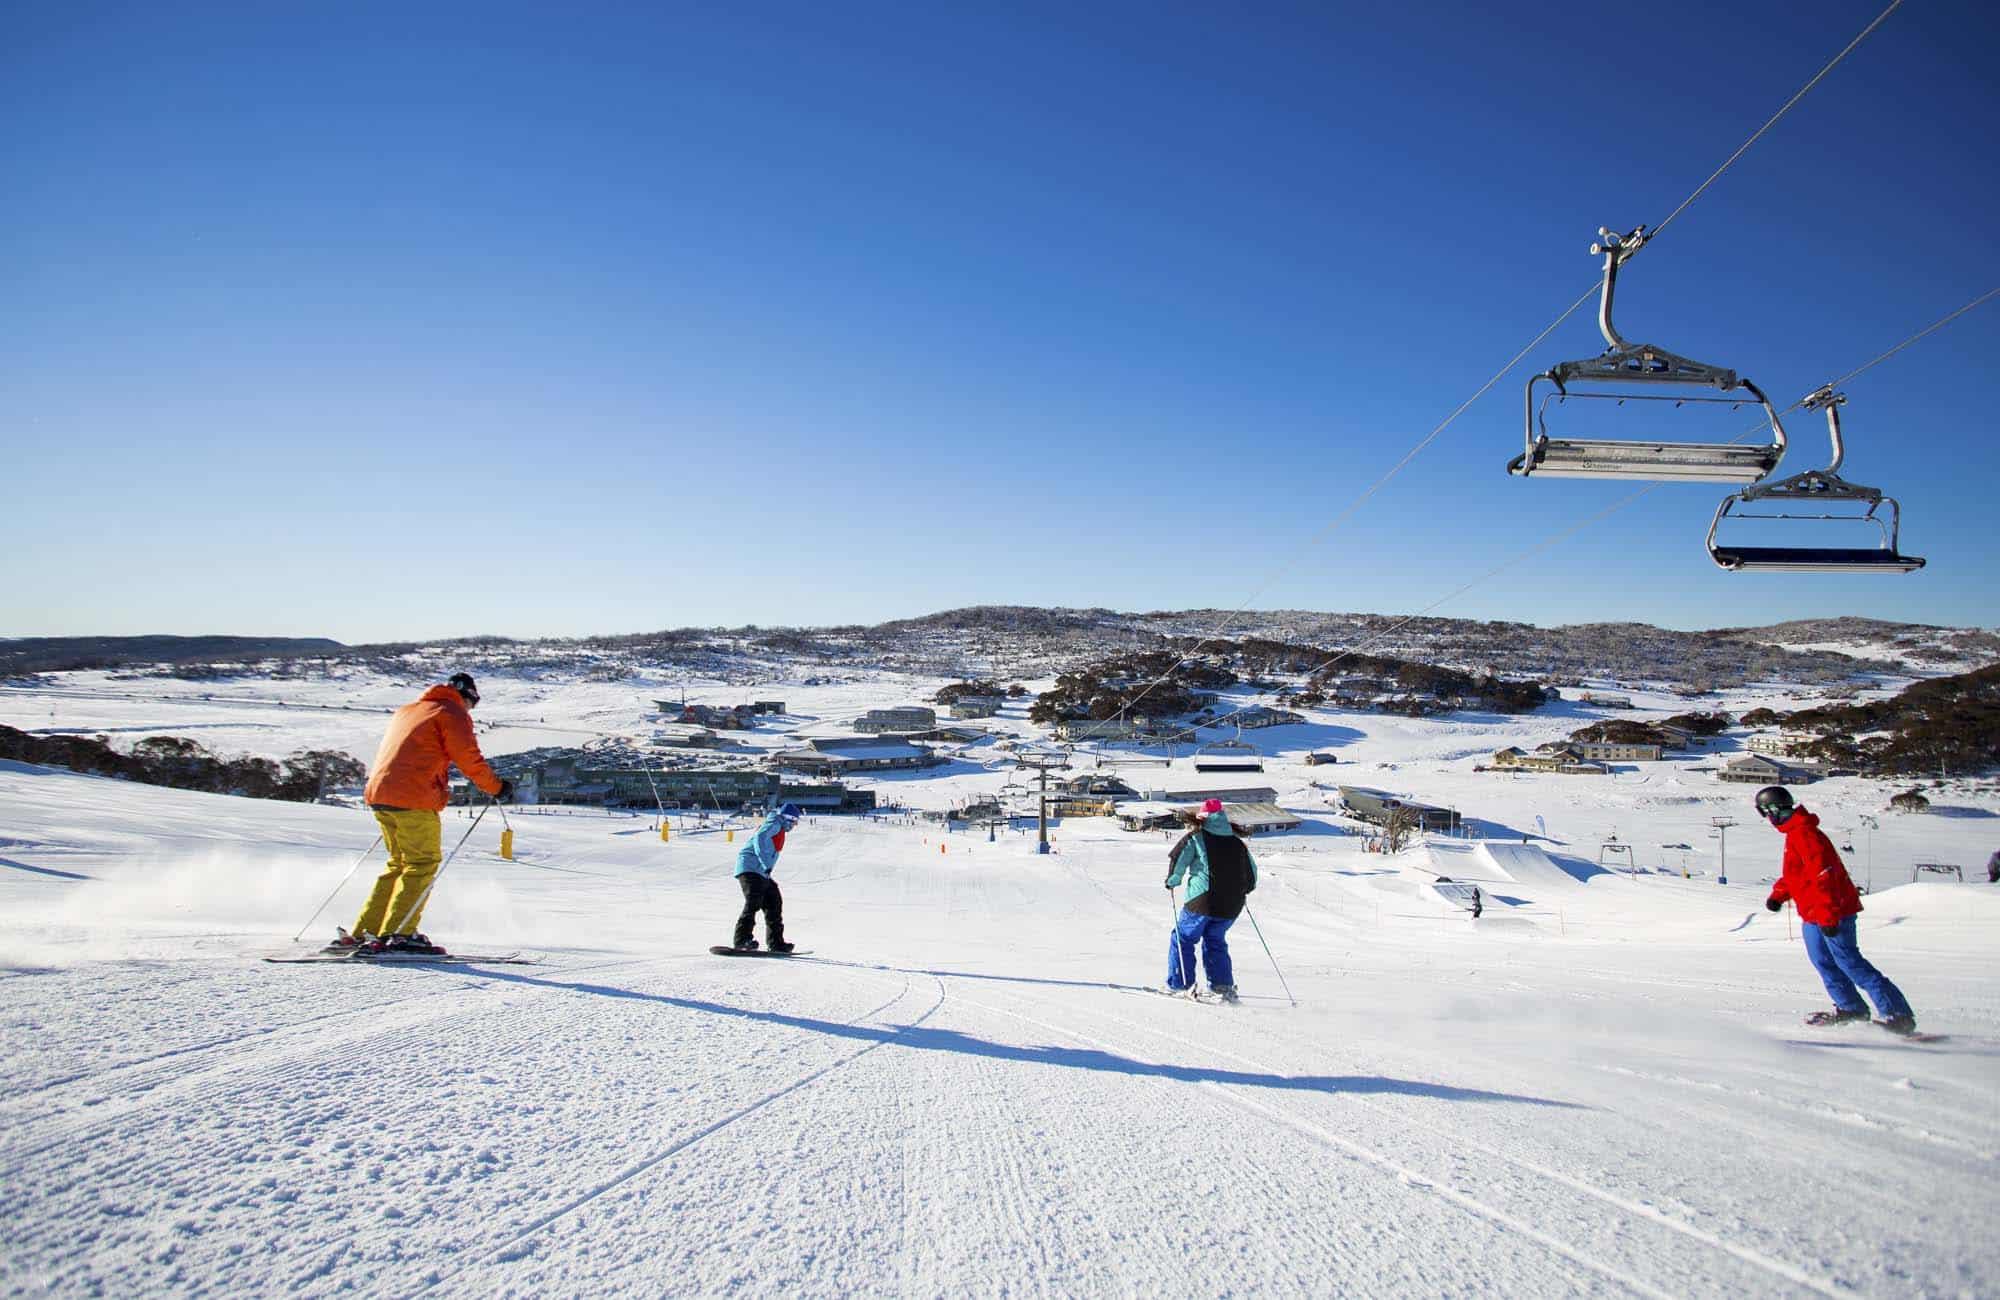 Khu trượt tuyết Perisher